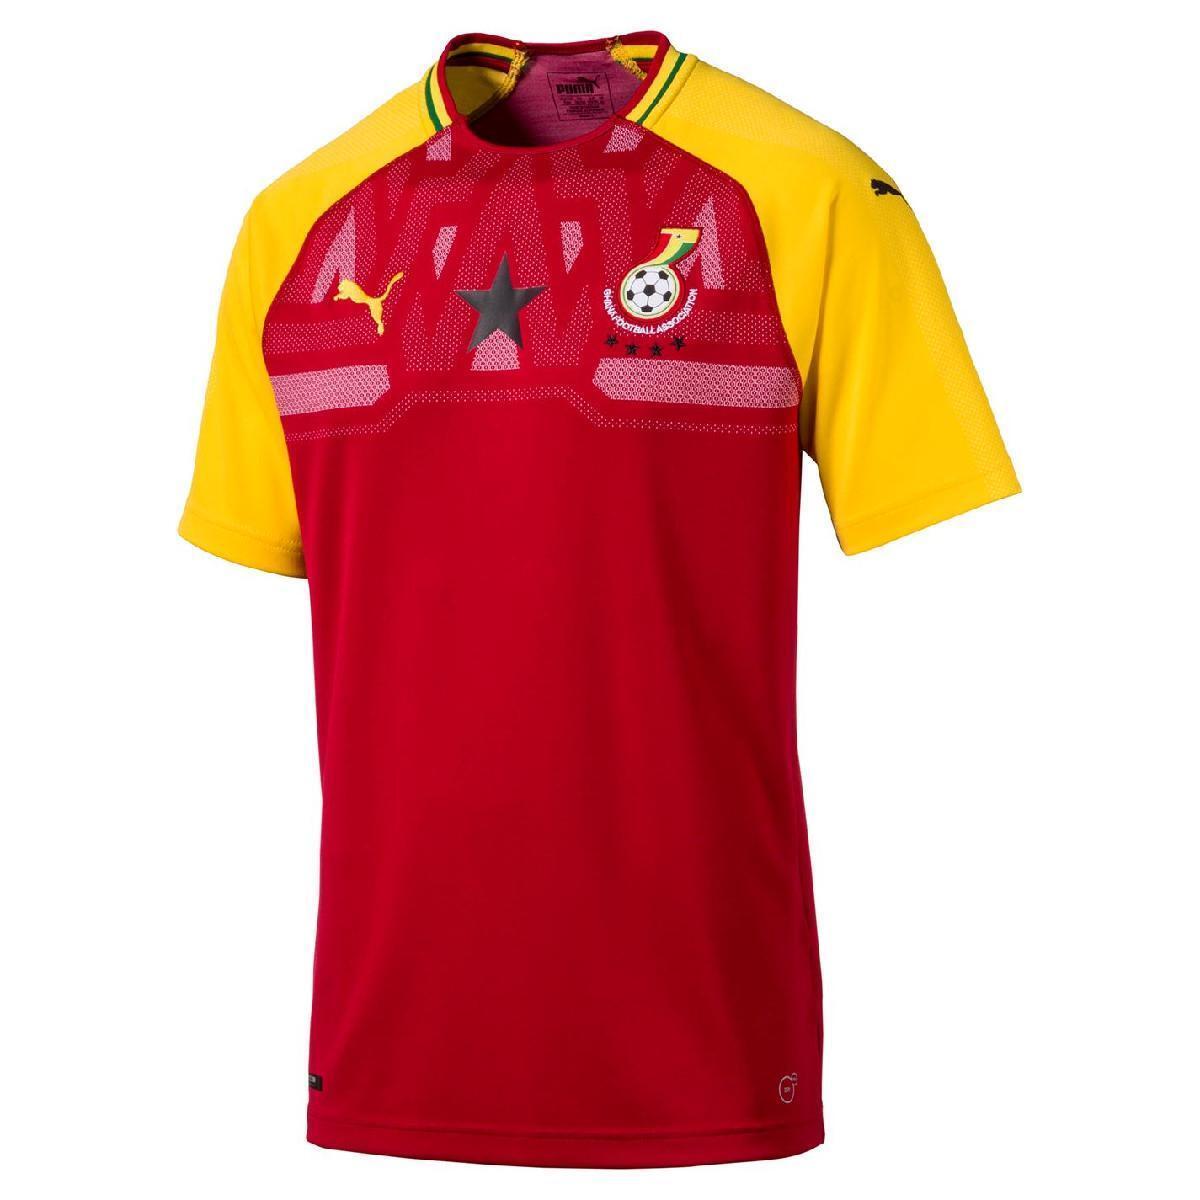 Ghana Fußball Trikot Herren Home Shirt 2018 58 T shirt Puma